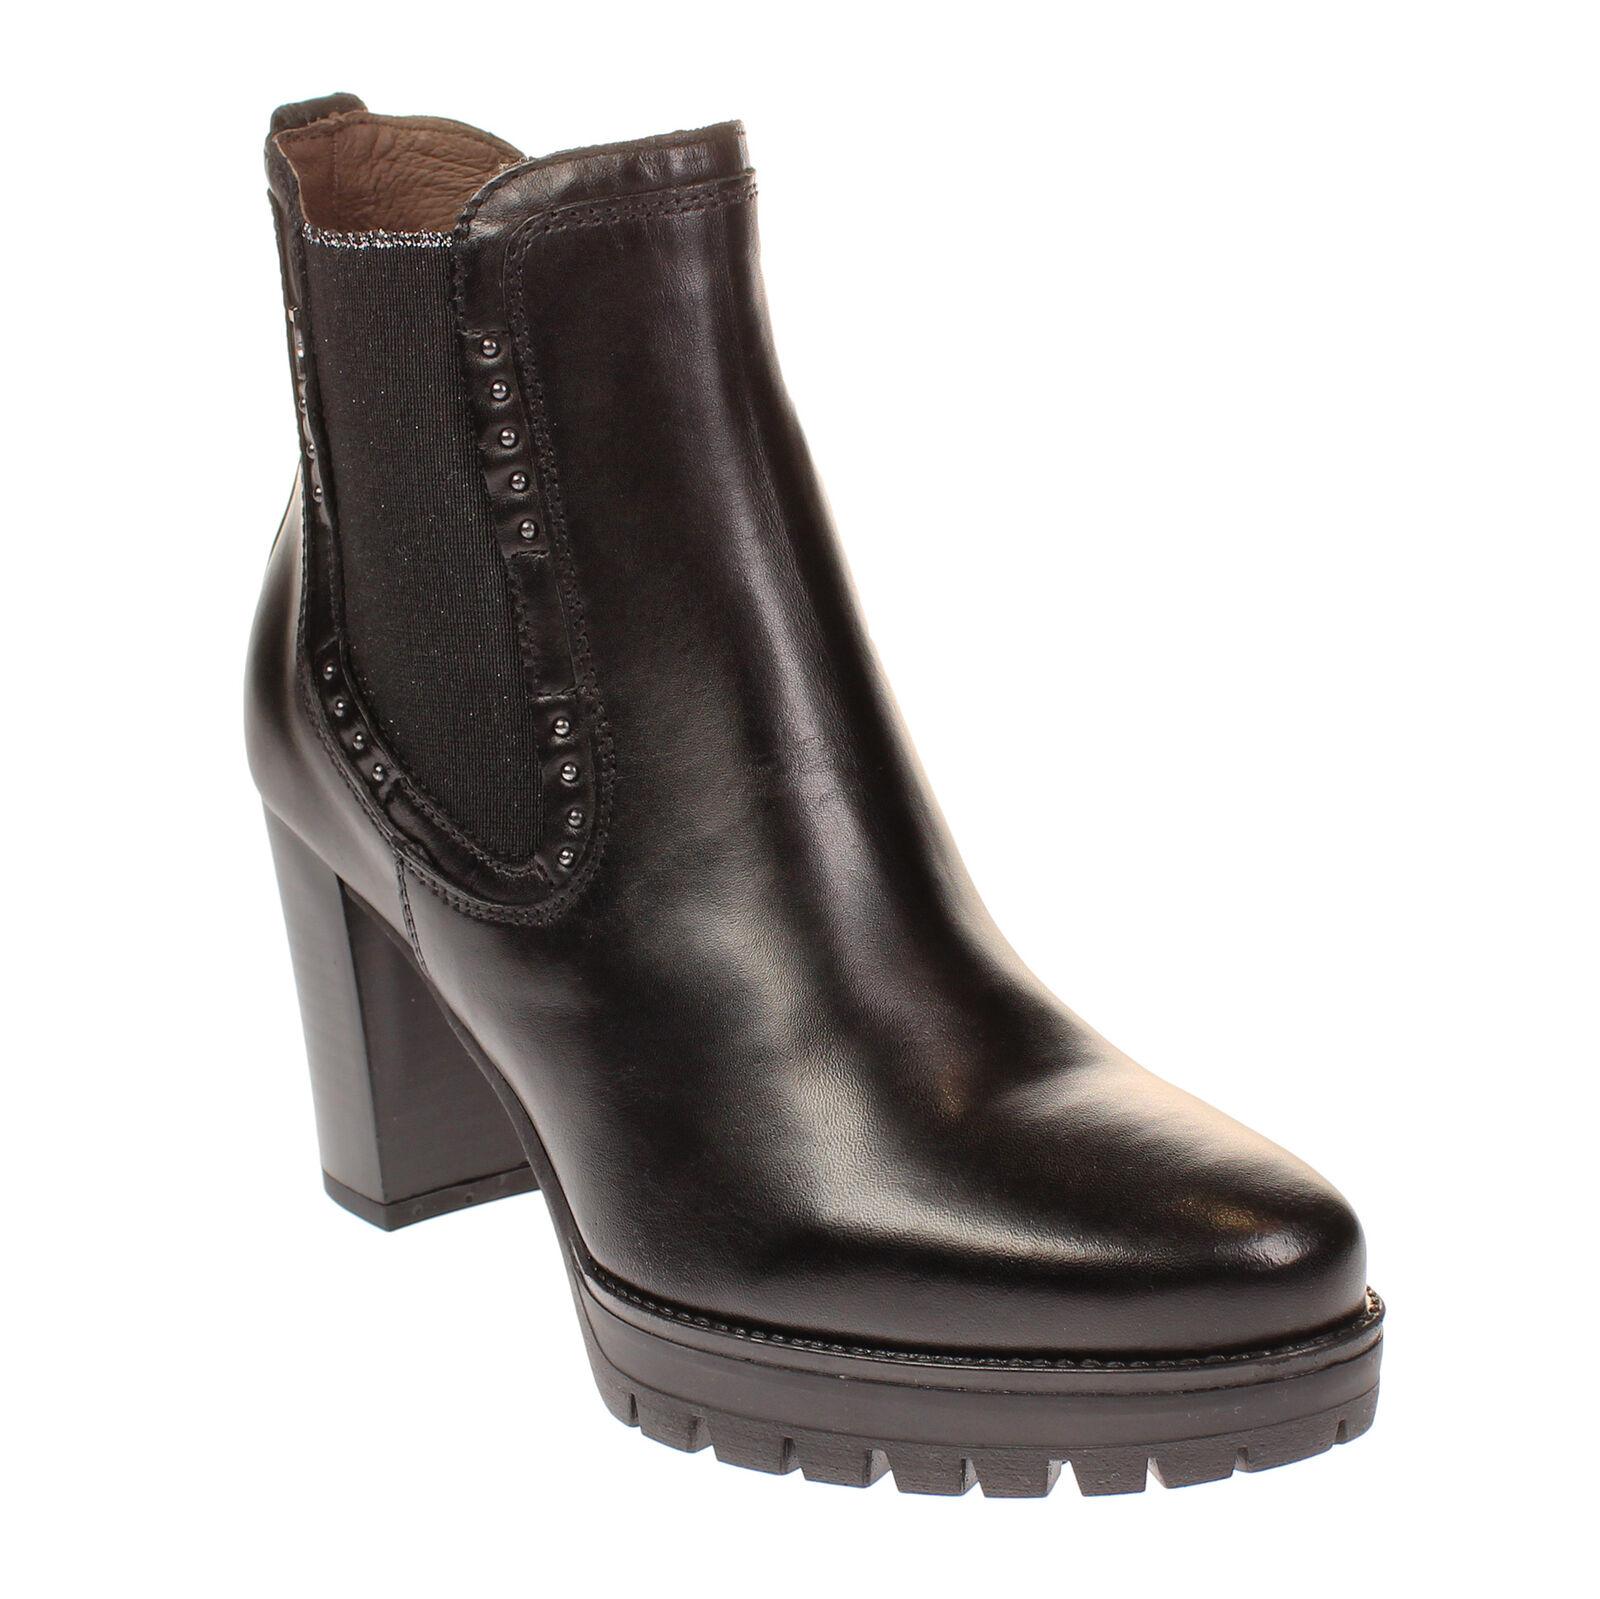 Nero Giardini A807070d Schwarz Stiefel Ankle Frau mit Plateau